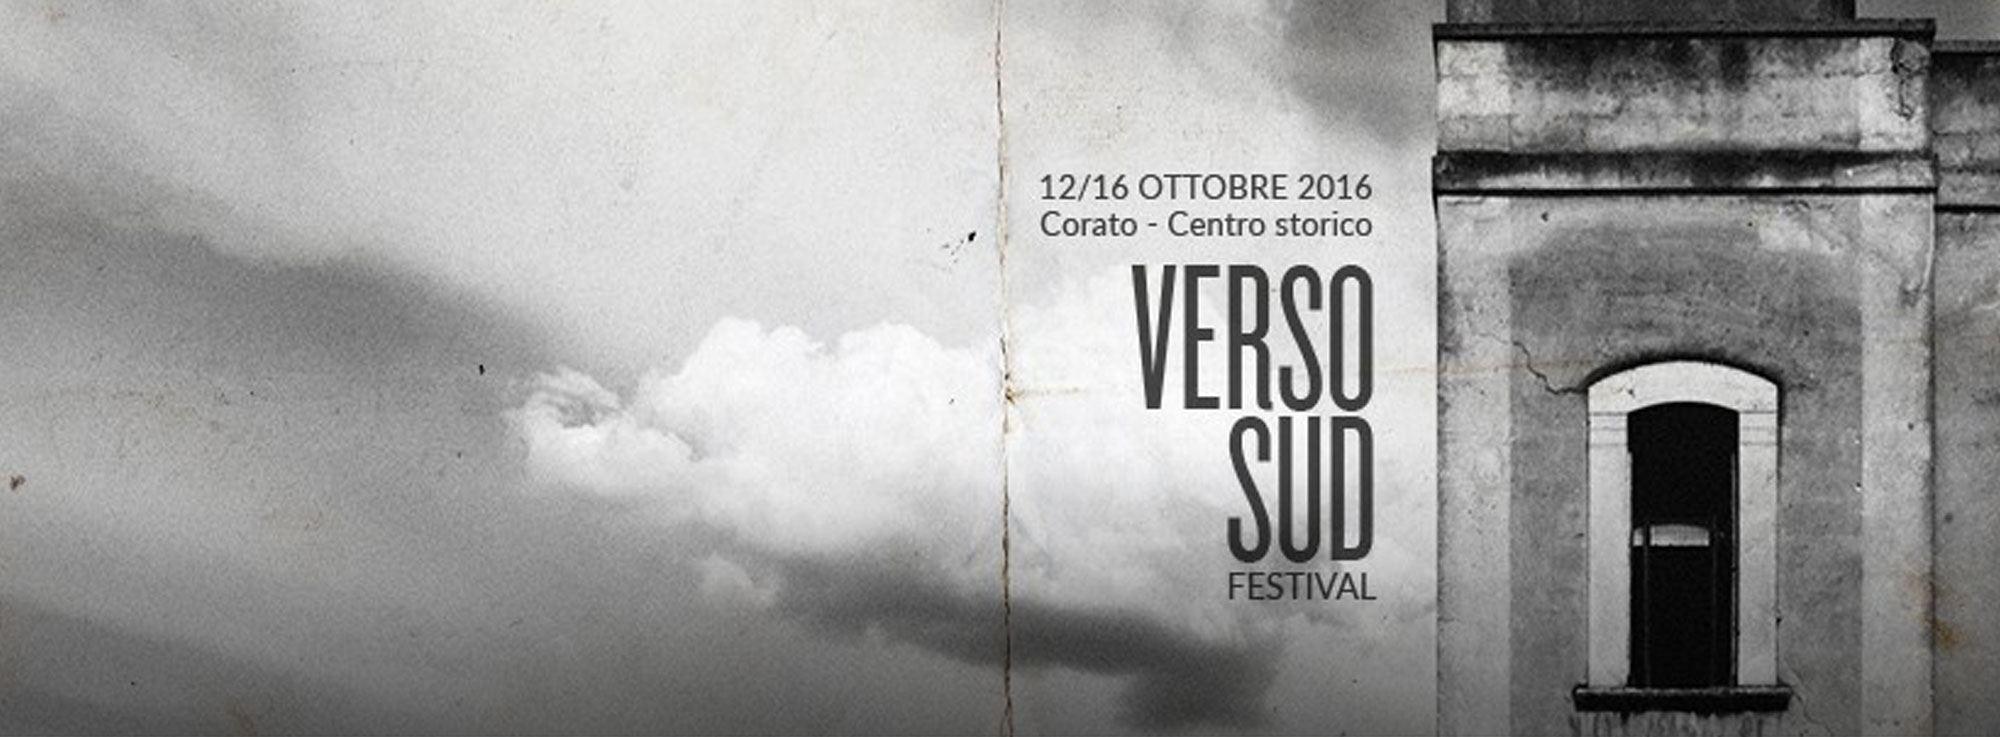 Corato: Verso Sud, Festival di Arte e Poesia